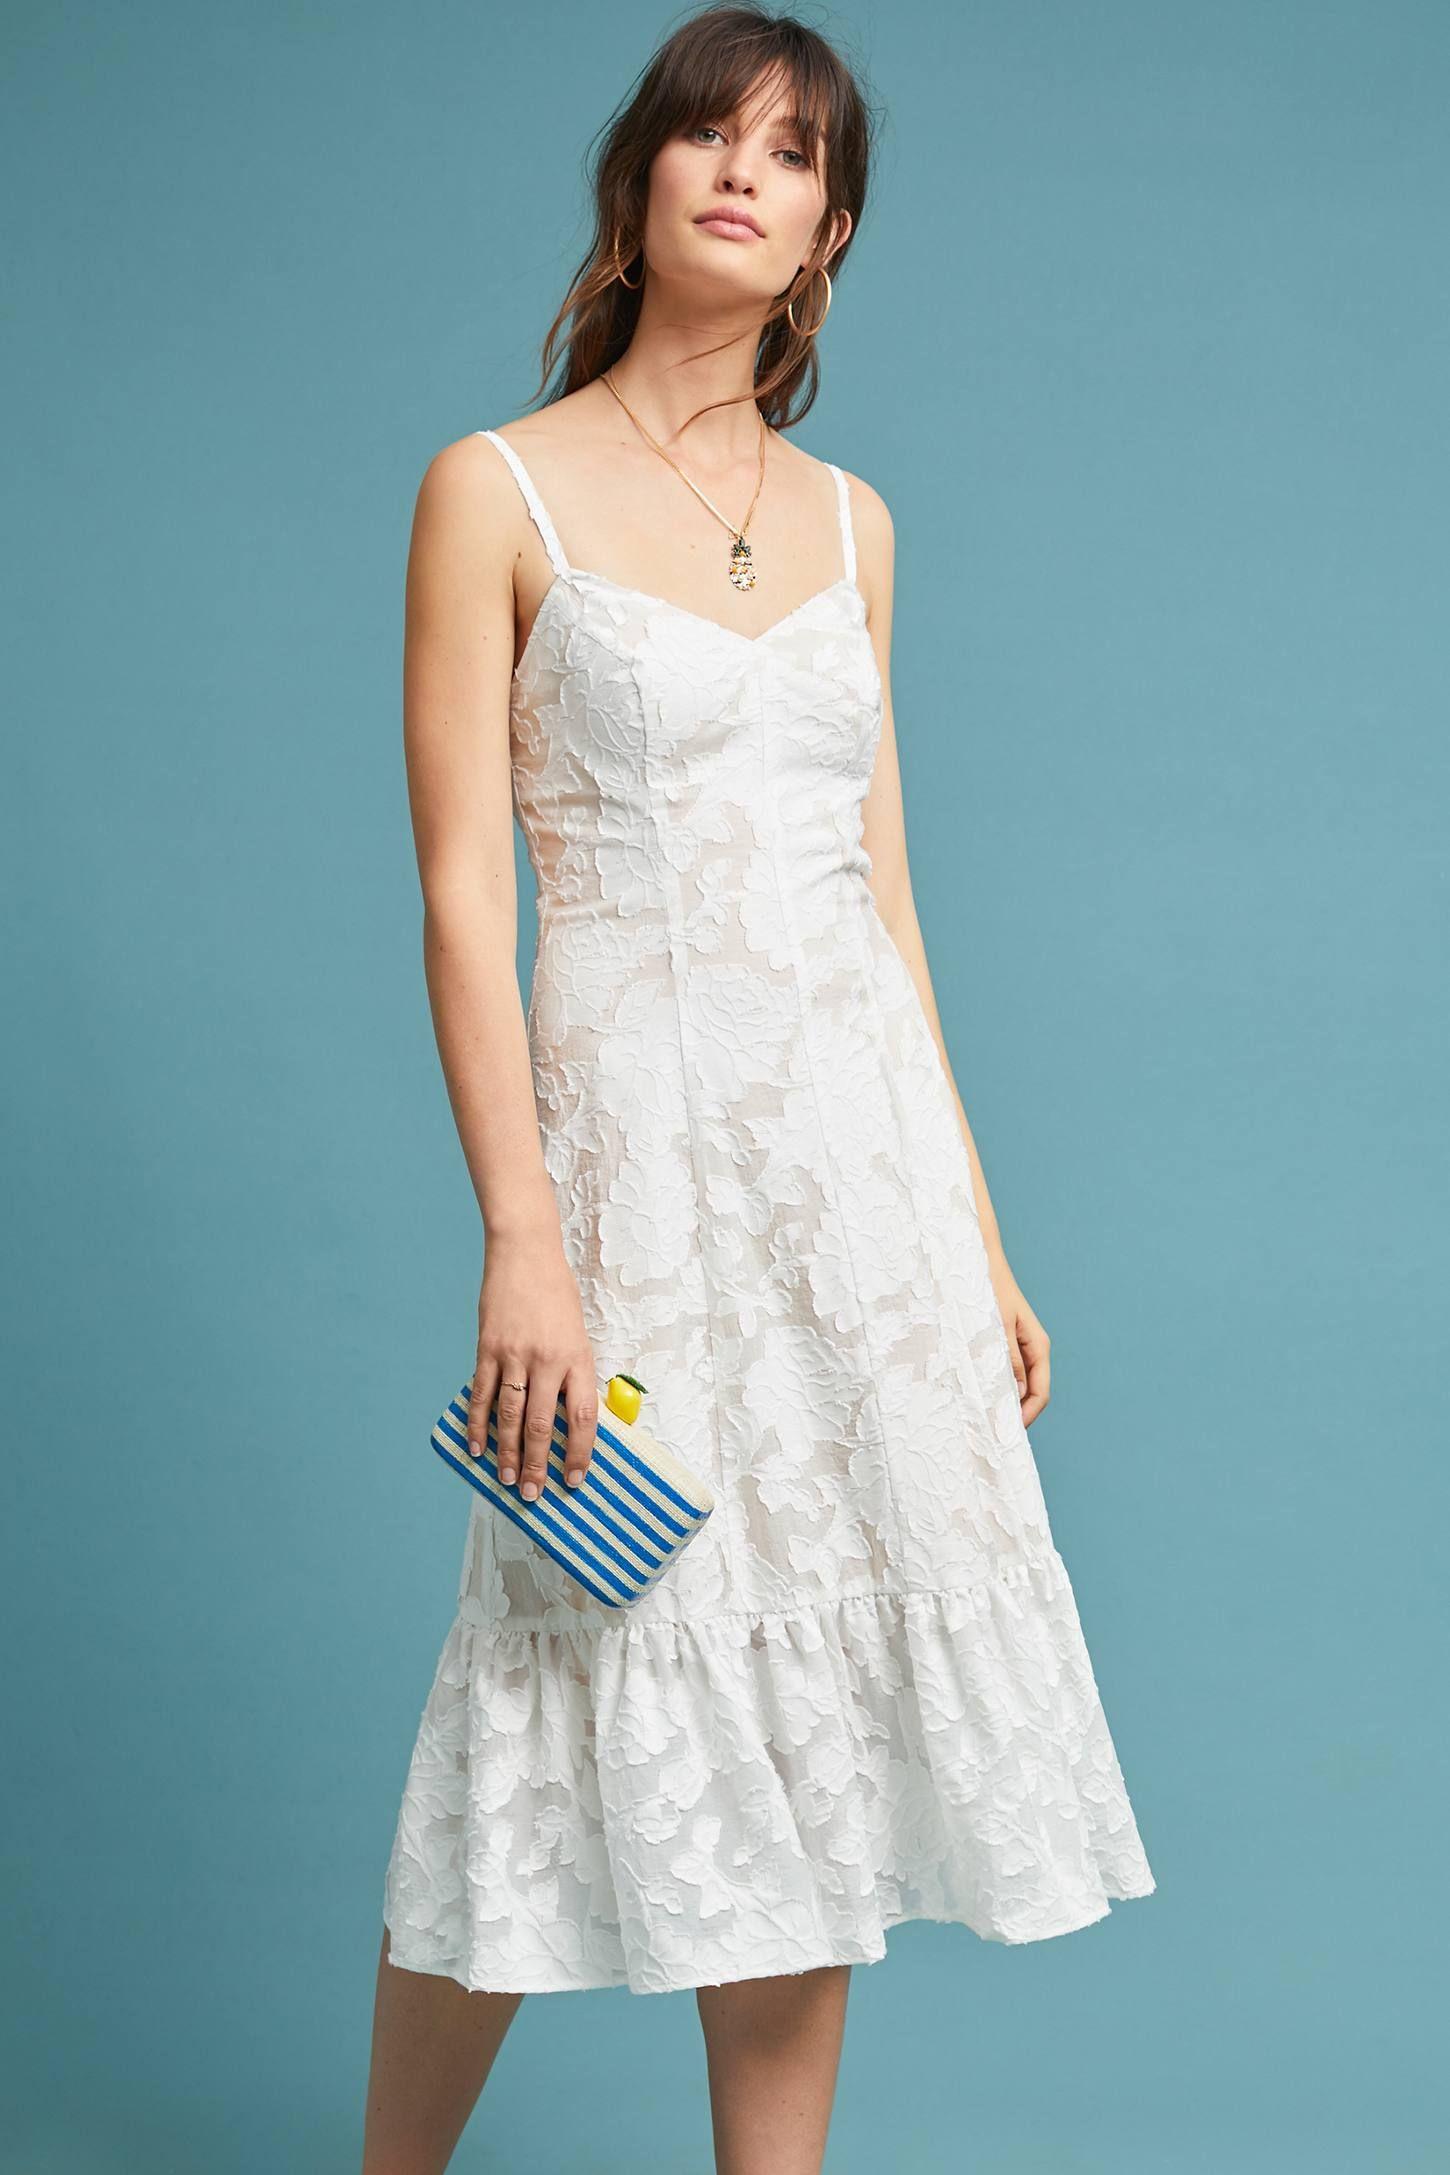 d5e82e36a1d0 Summer Romance Dress | I dream in Couture | Summer romance, Women's ...